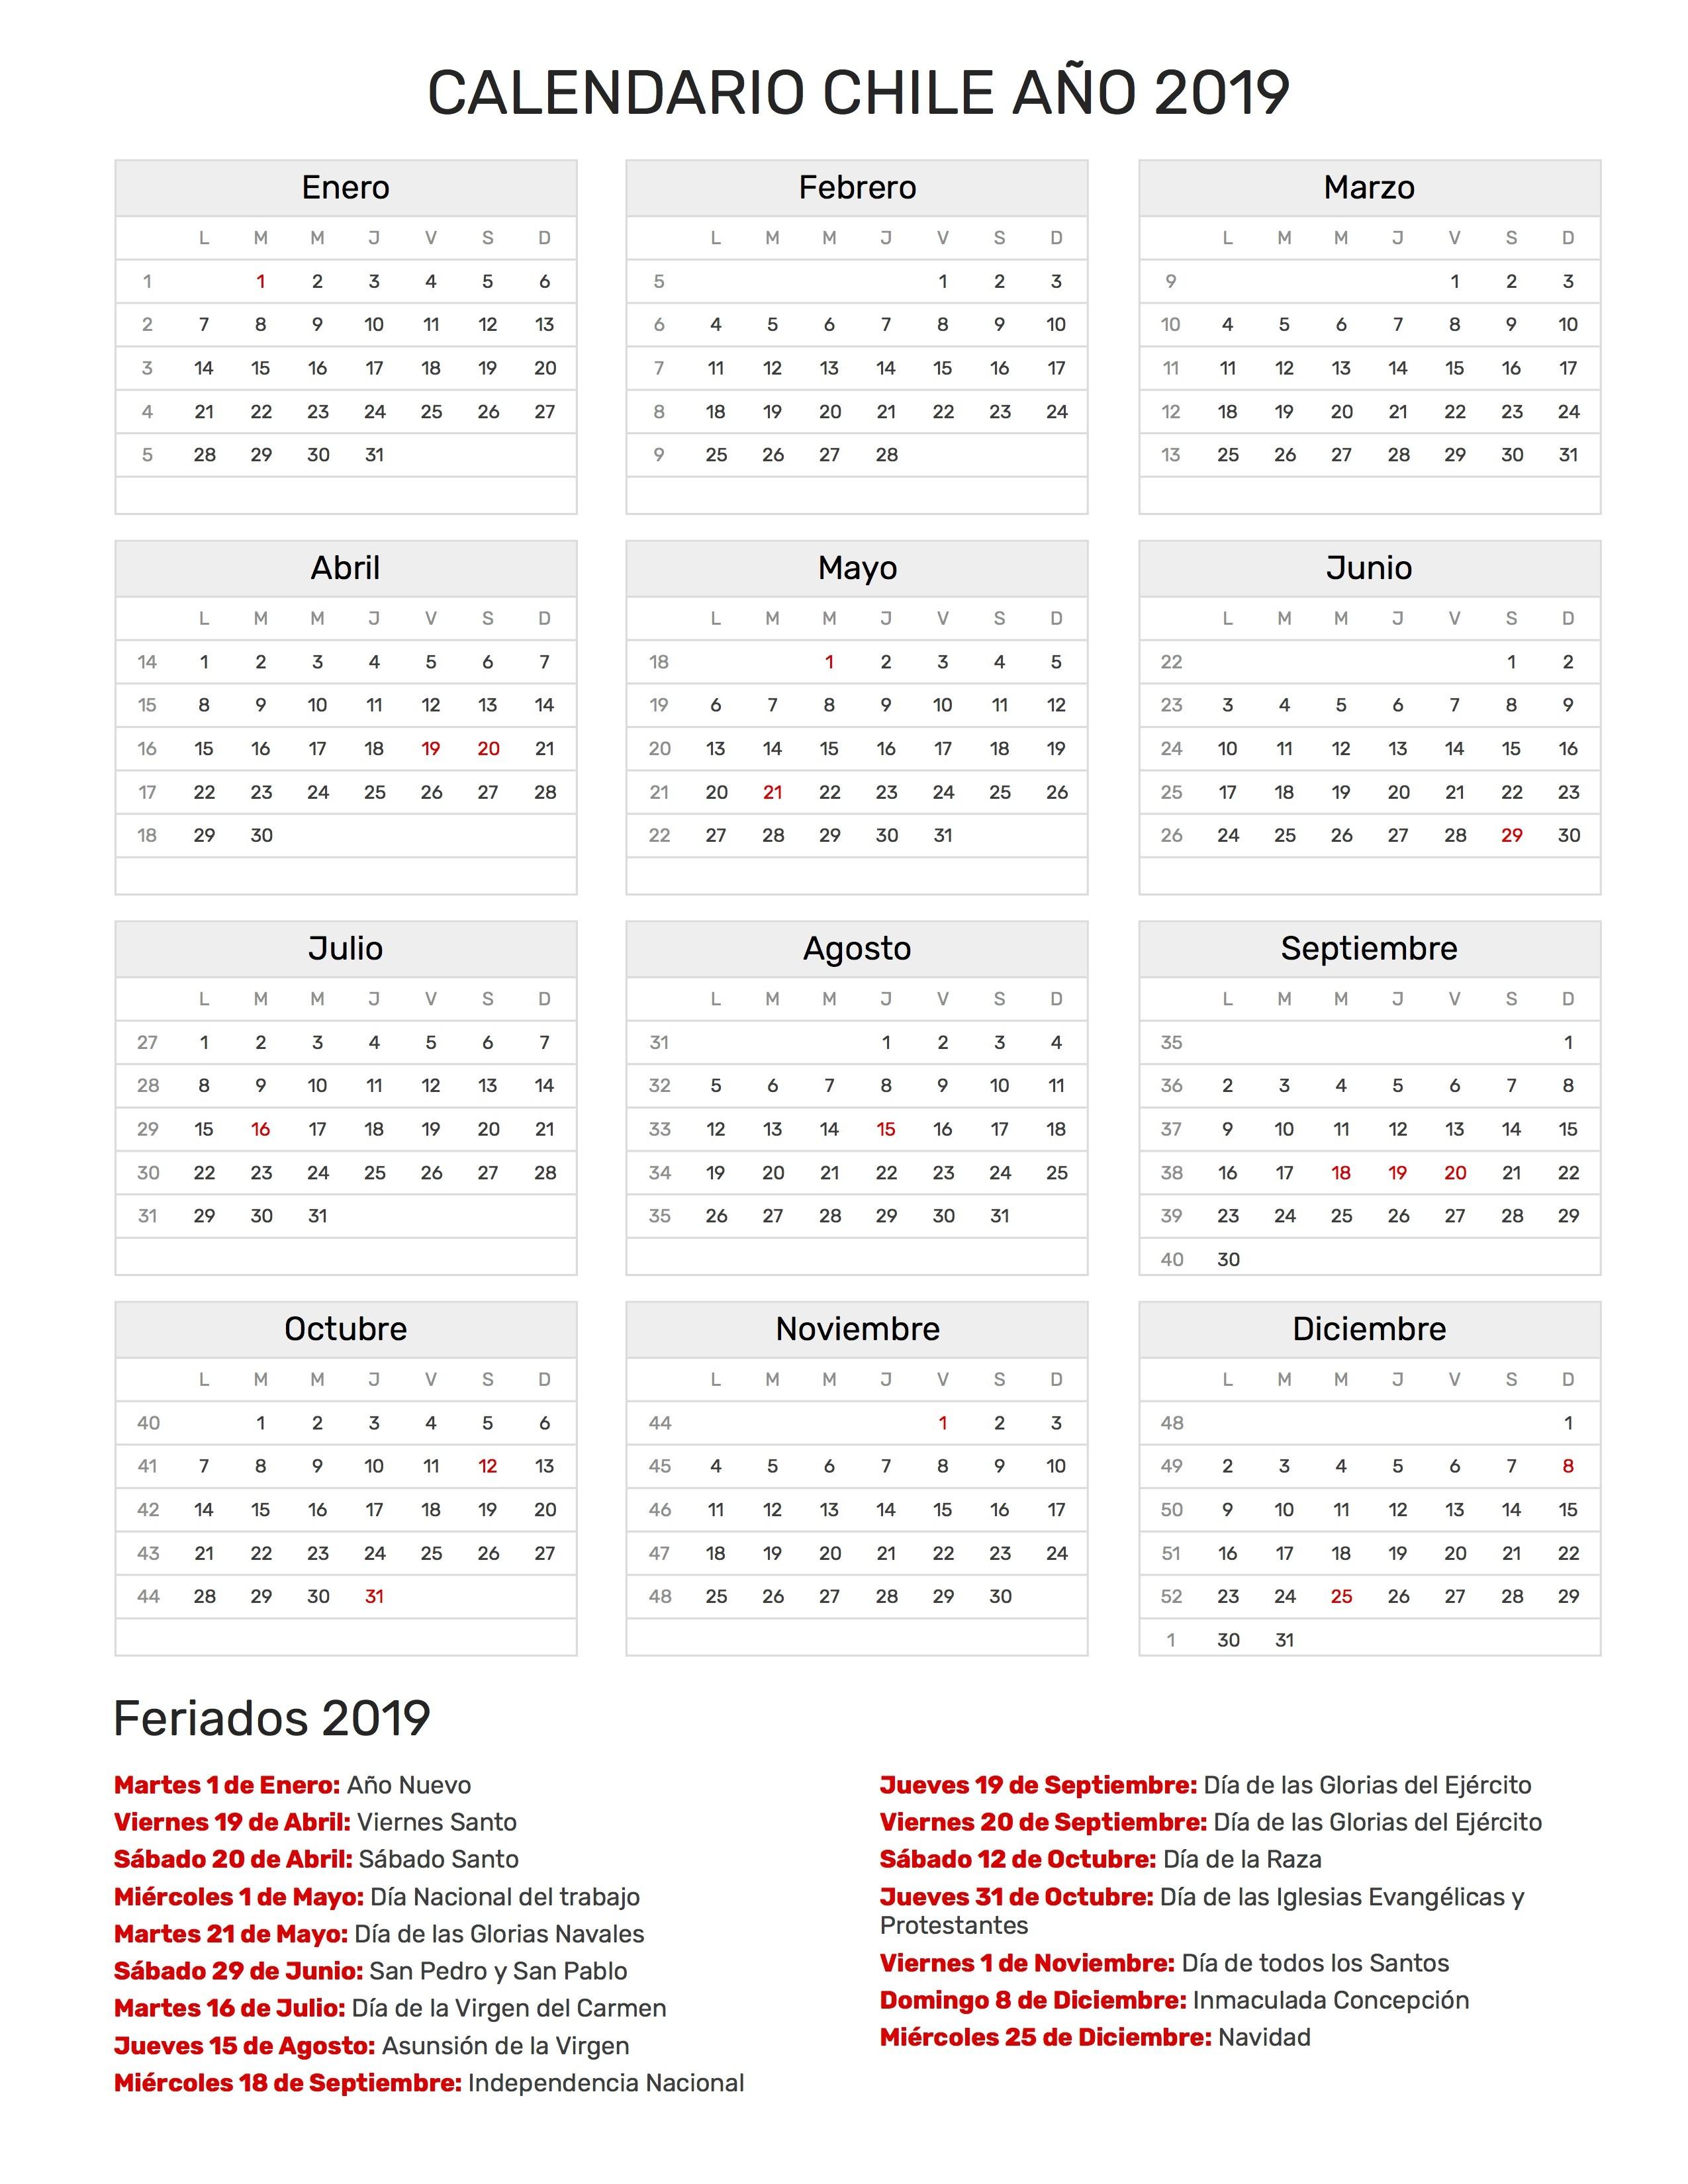 Calendario 2019 Argentina Para Imprimir Marzo Más Actual Calendario Chile A±o 2019 Of Calendario 2019 Argentina Para Imprimir Marzo Más Caliente Calendario 2018 Archives Calenda 2019